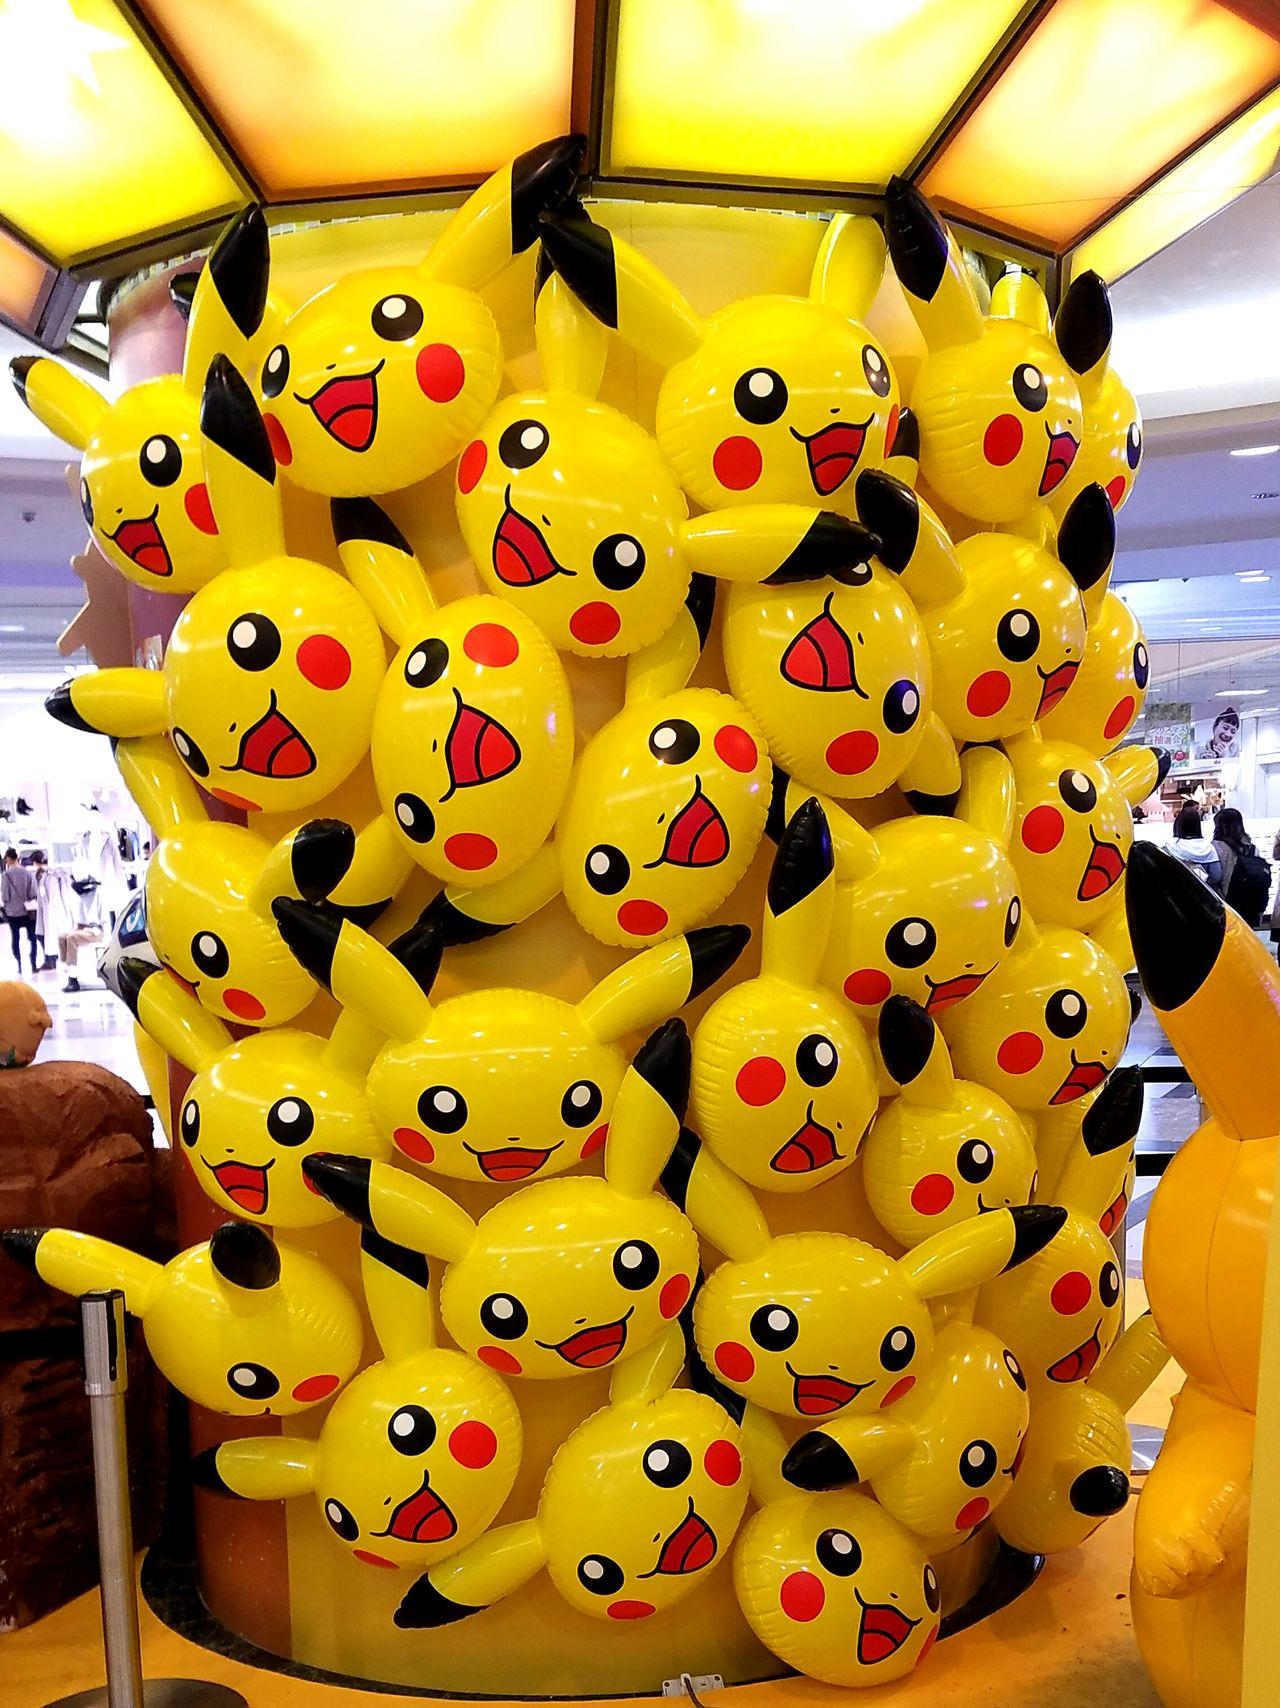 ポケモン ピカチュウ Yellow Japanese Photography Tokyo Japan Pokémon Pikachu ポケモンセンター